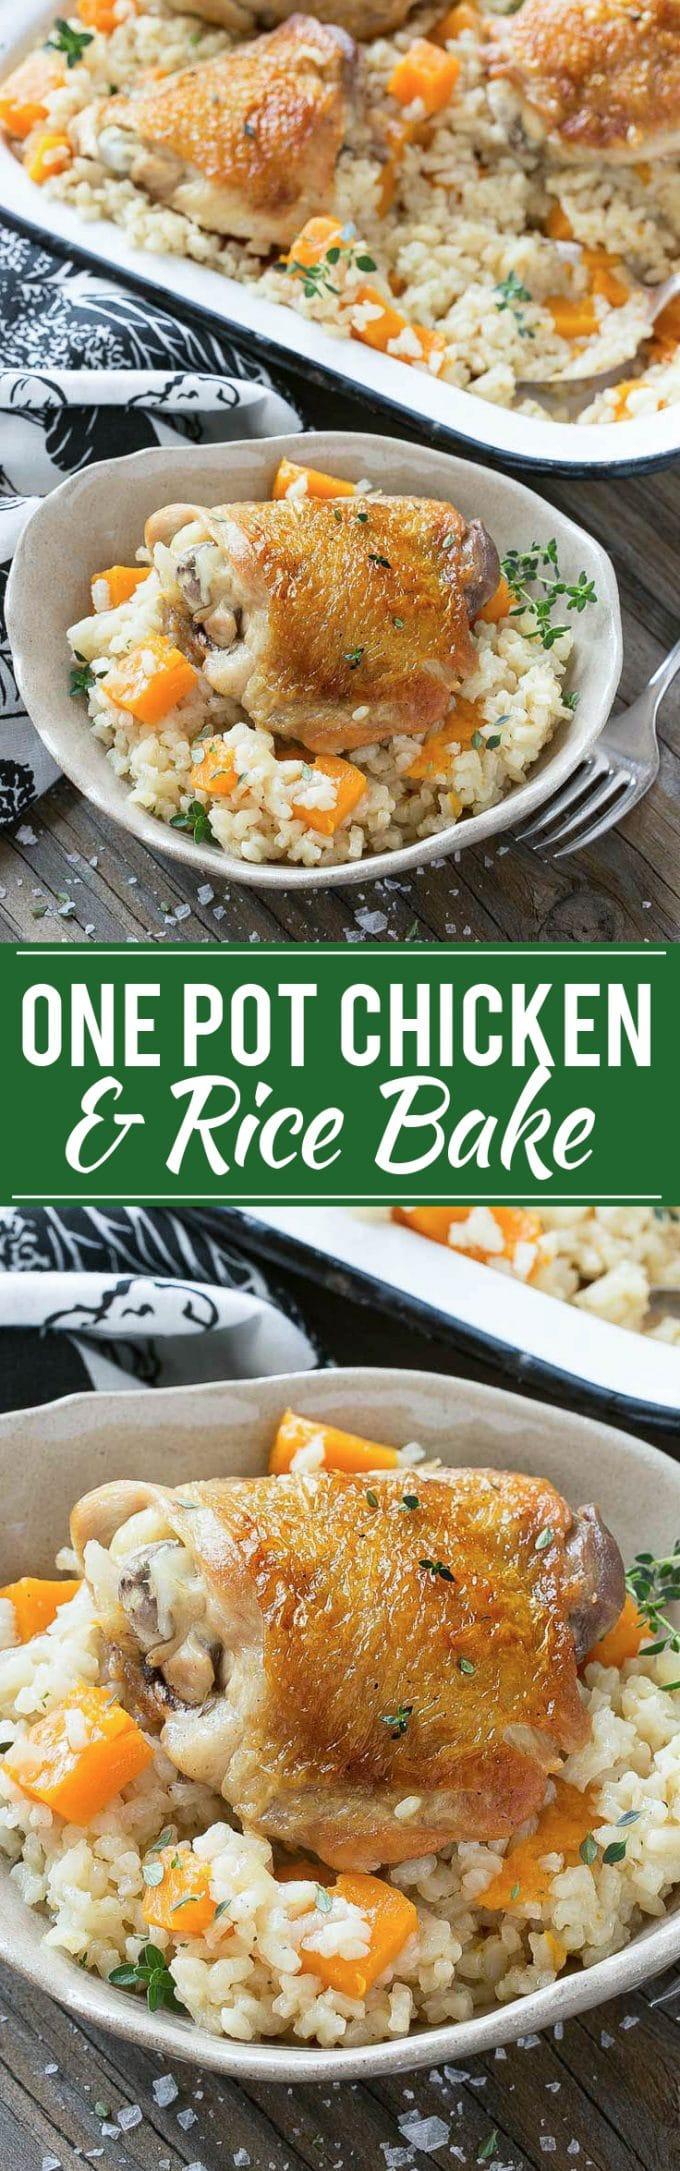 Receta de pollo y arroz frito |  Pollo en un tarro con arroz cremoso de parmesano |  Una olla de pollo y arroz |  Arroz Cremoso con Parmesano |  Cazuela de arroz con pollo y calabaza